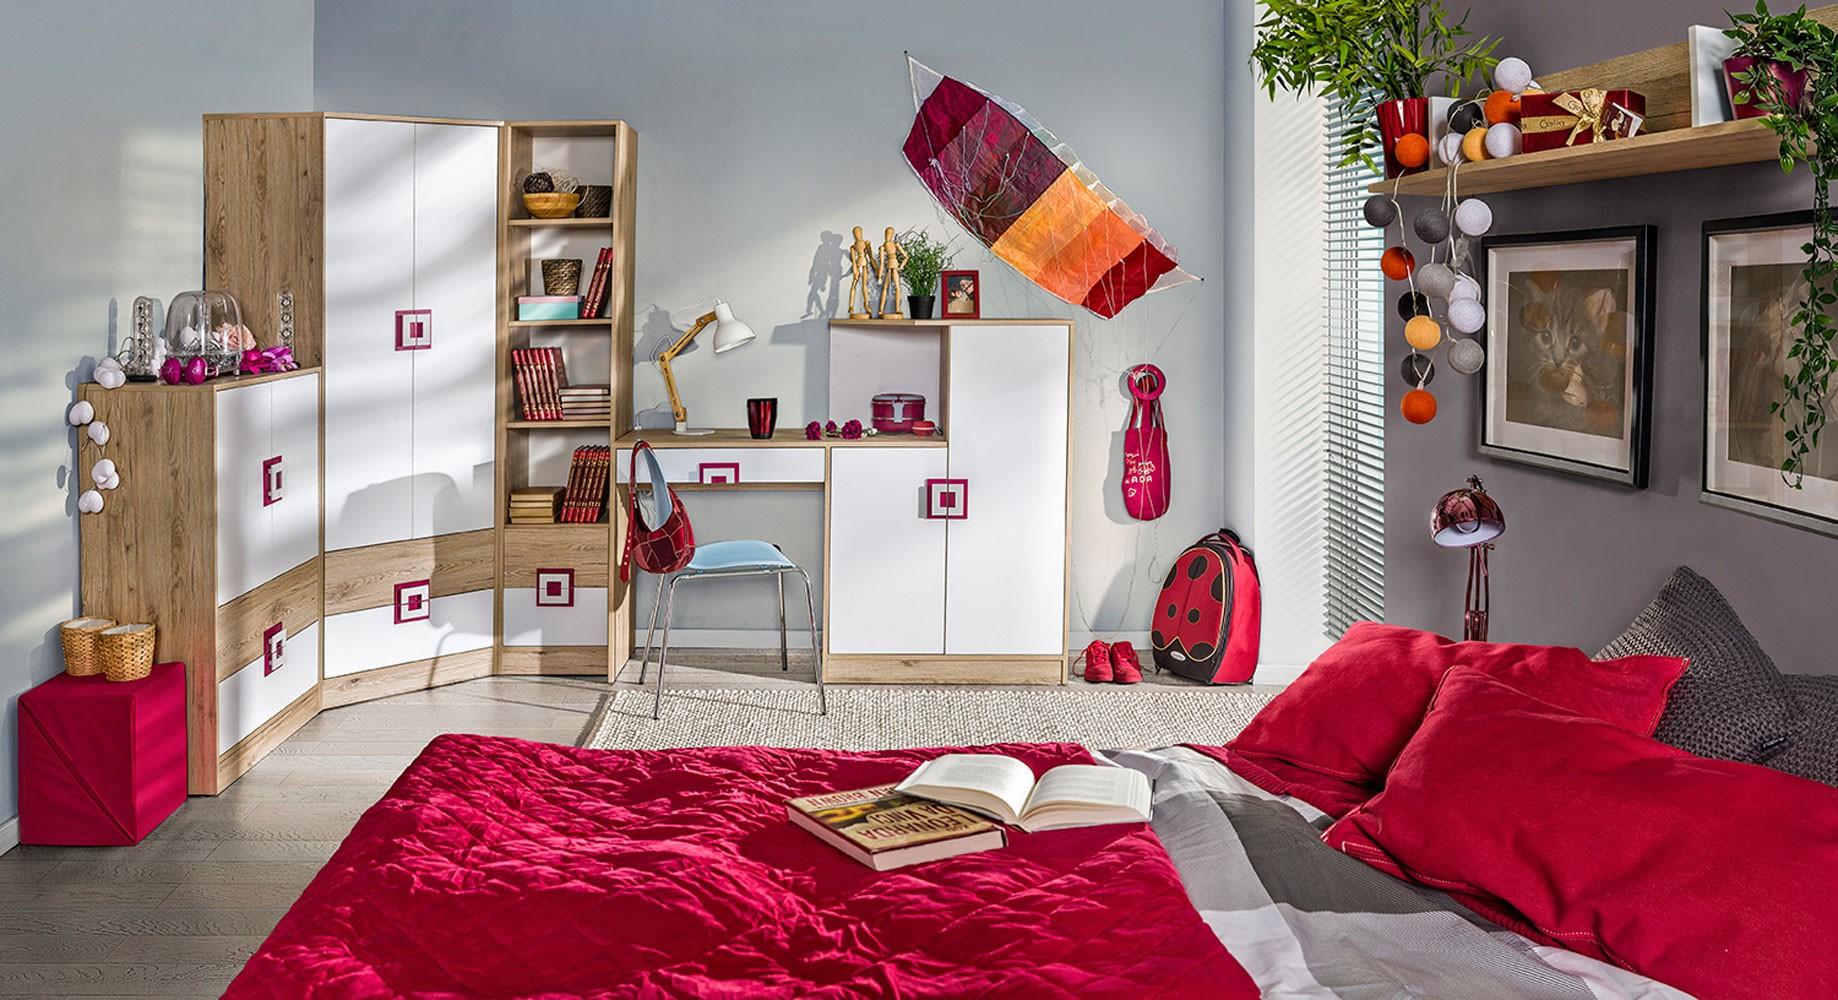 Full Size of Eckkleiderschrank Kinderzimmer Drehtrenschrank Fabian 02 Regal Regale Weiß Sofa Kinderzimmer Eckkleiderschrank Kinderzimmer